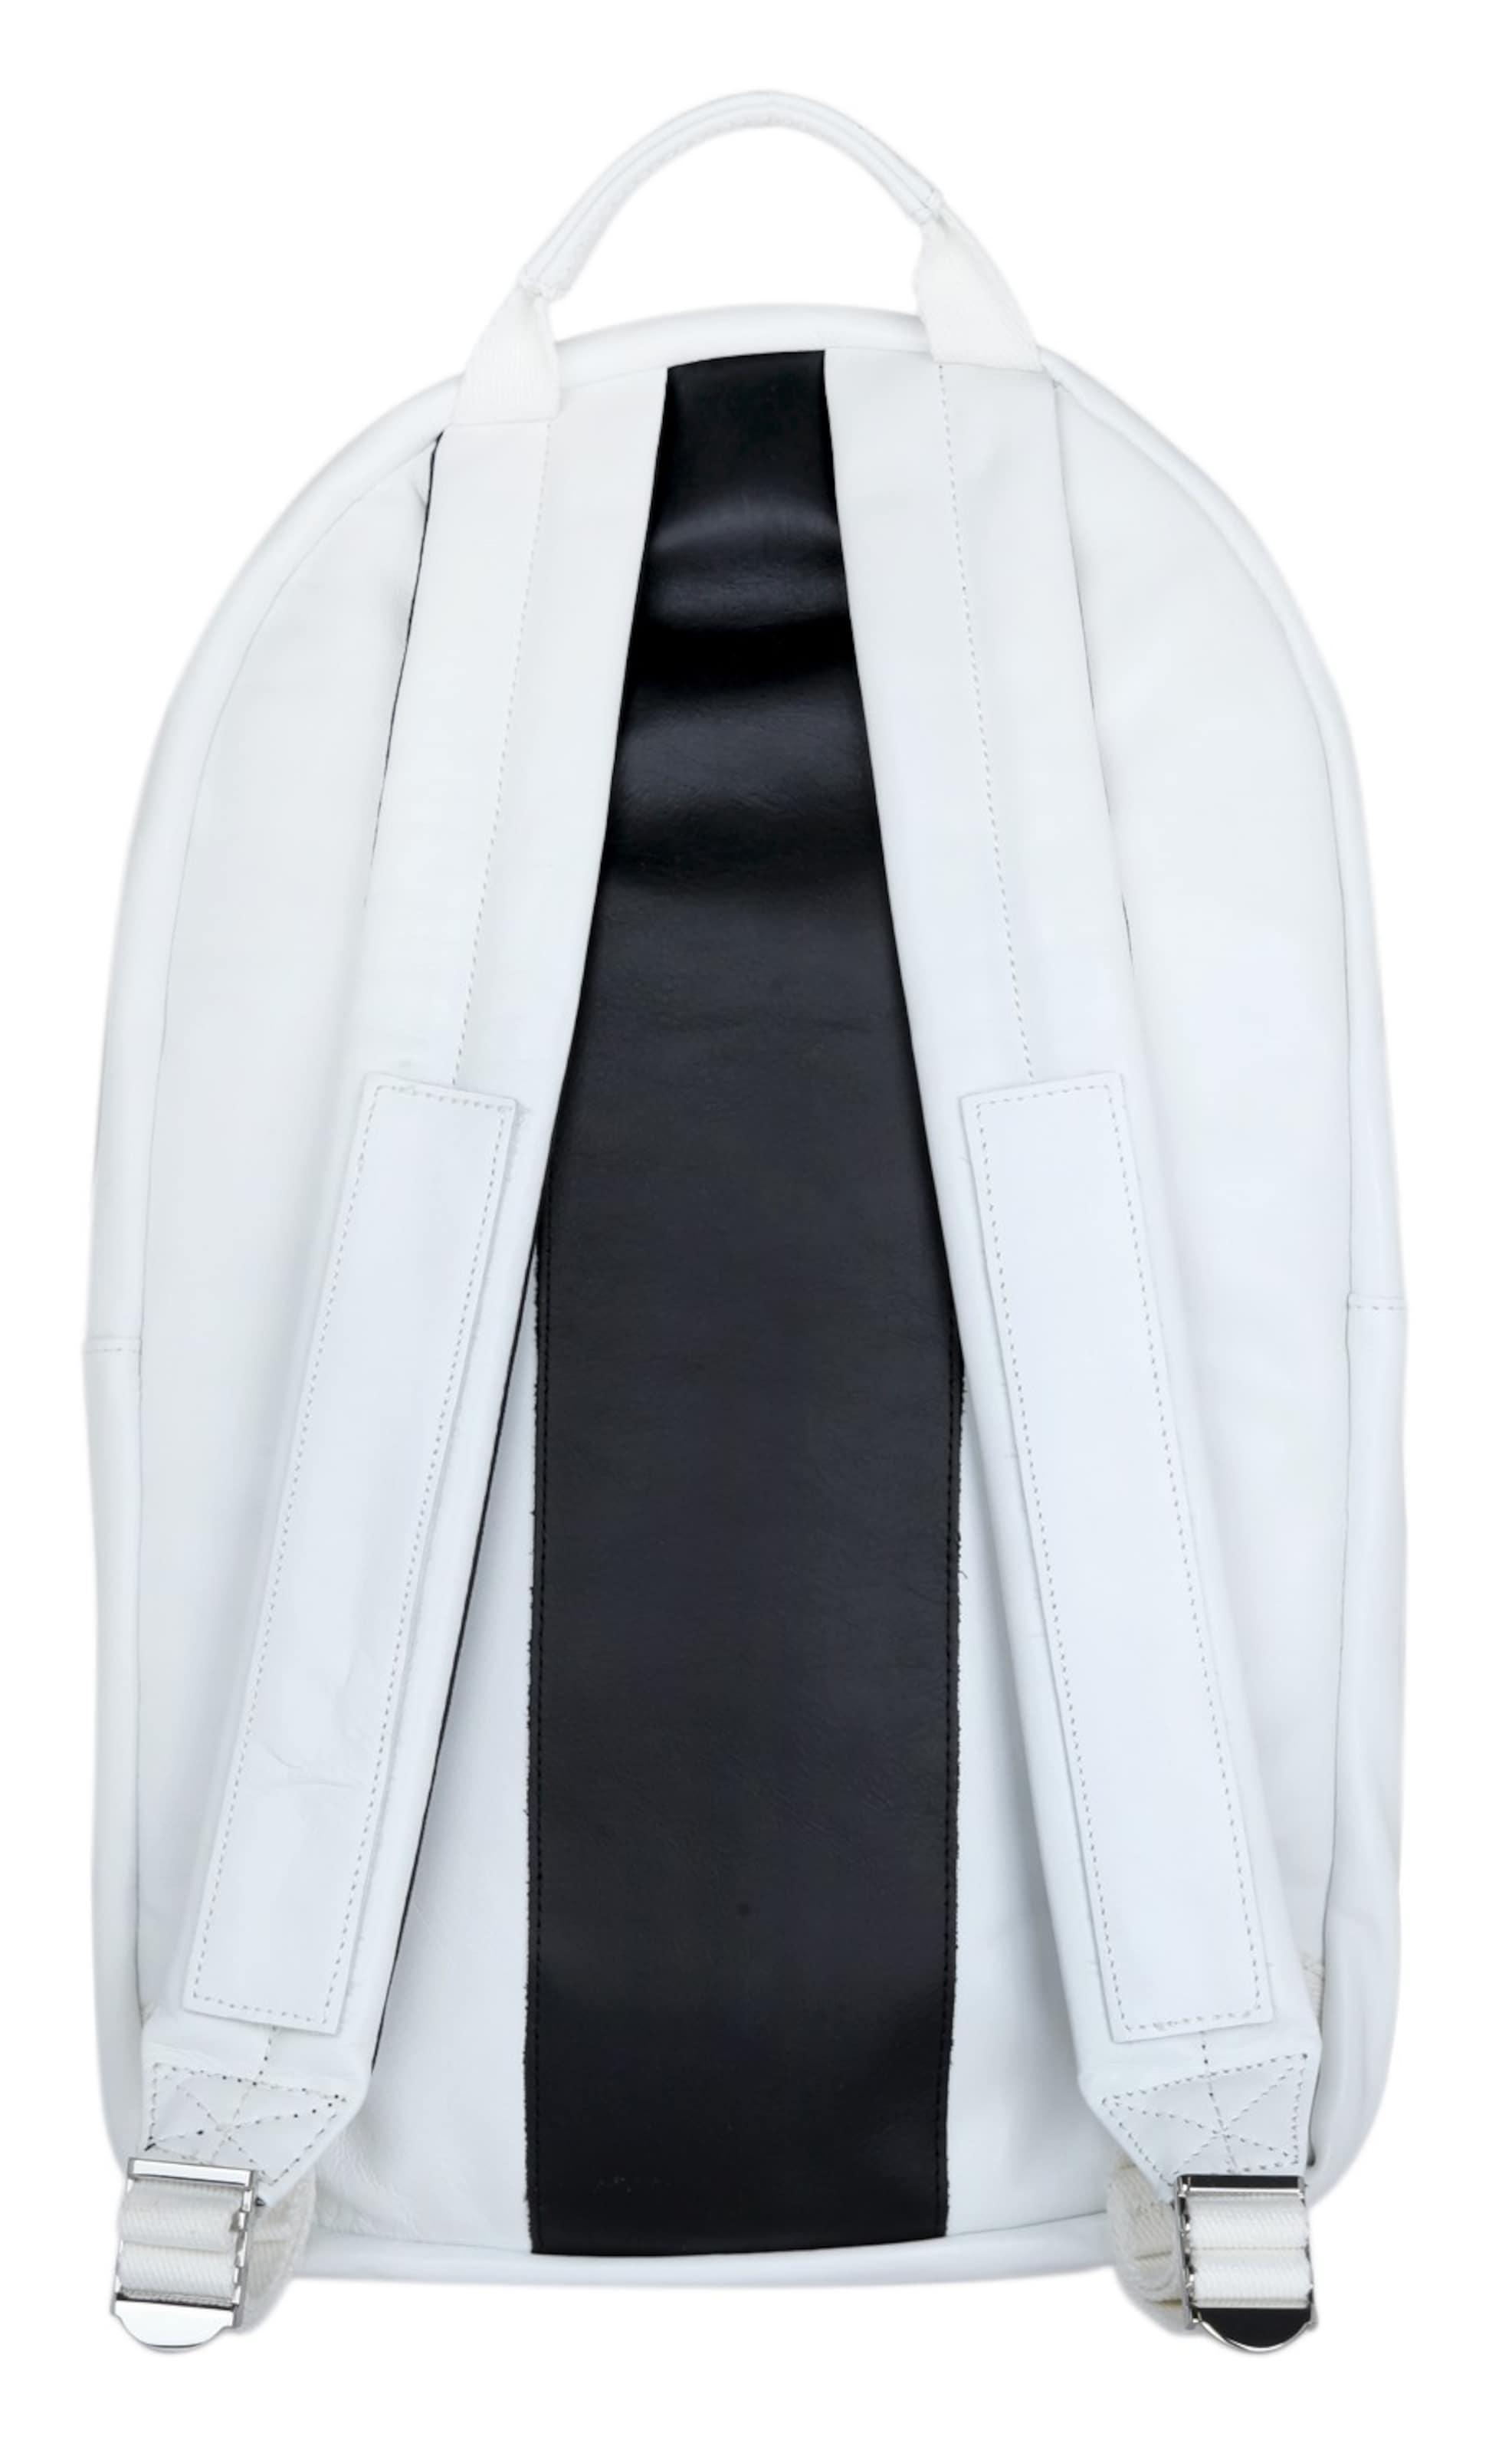 EASTPAK Rucksack 'NICOMEDE TALAVERA MORRIS' Finish Günstig Online Kaufen Preiswerte Qualität 100% Original zumvT